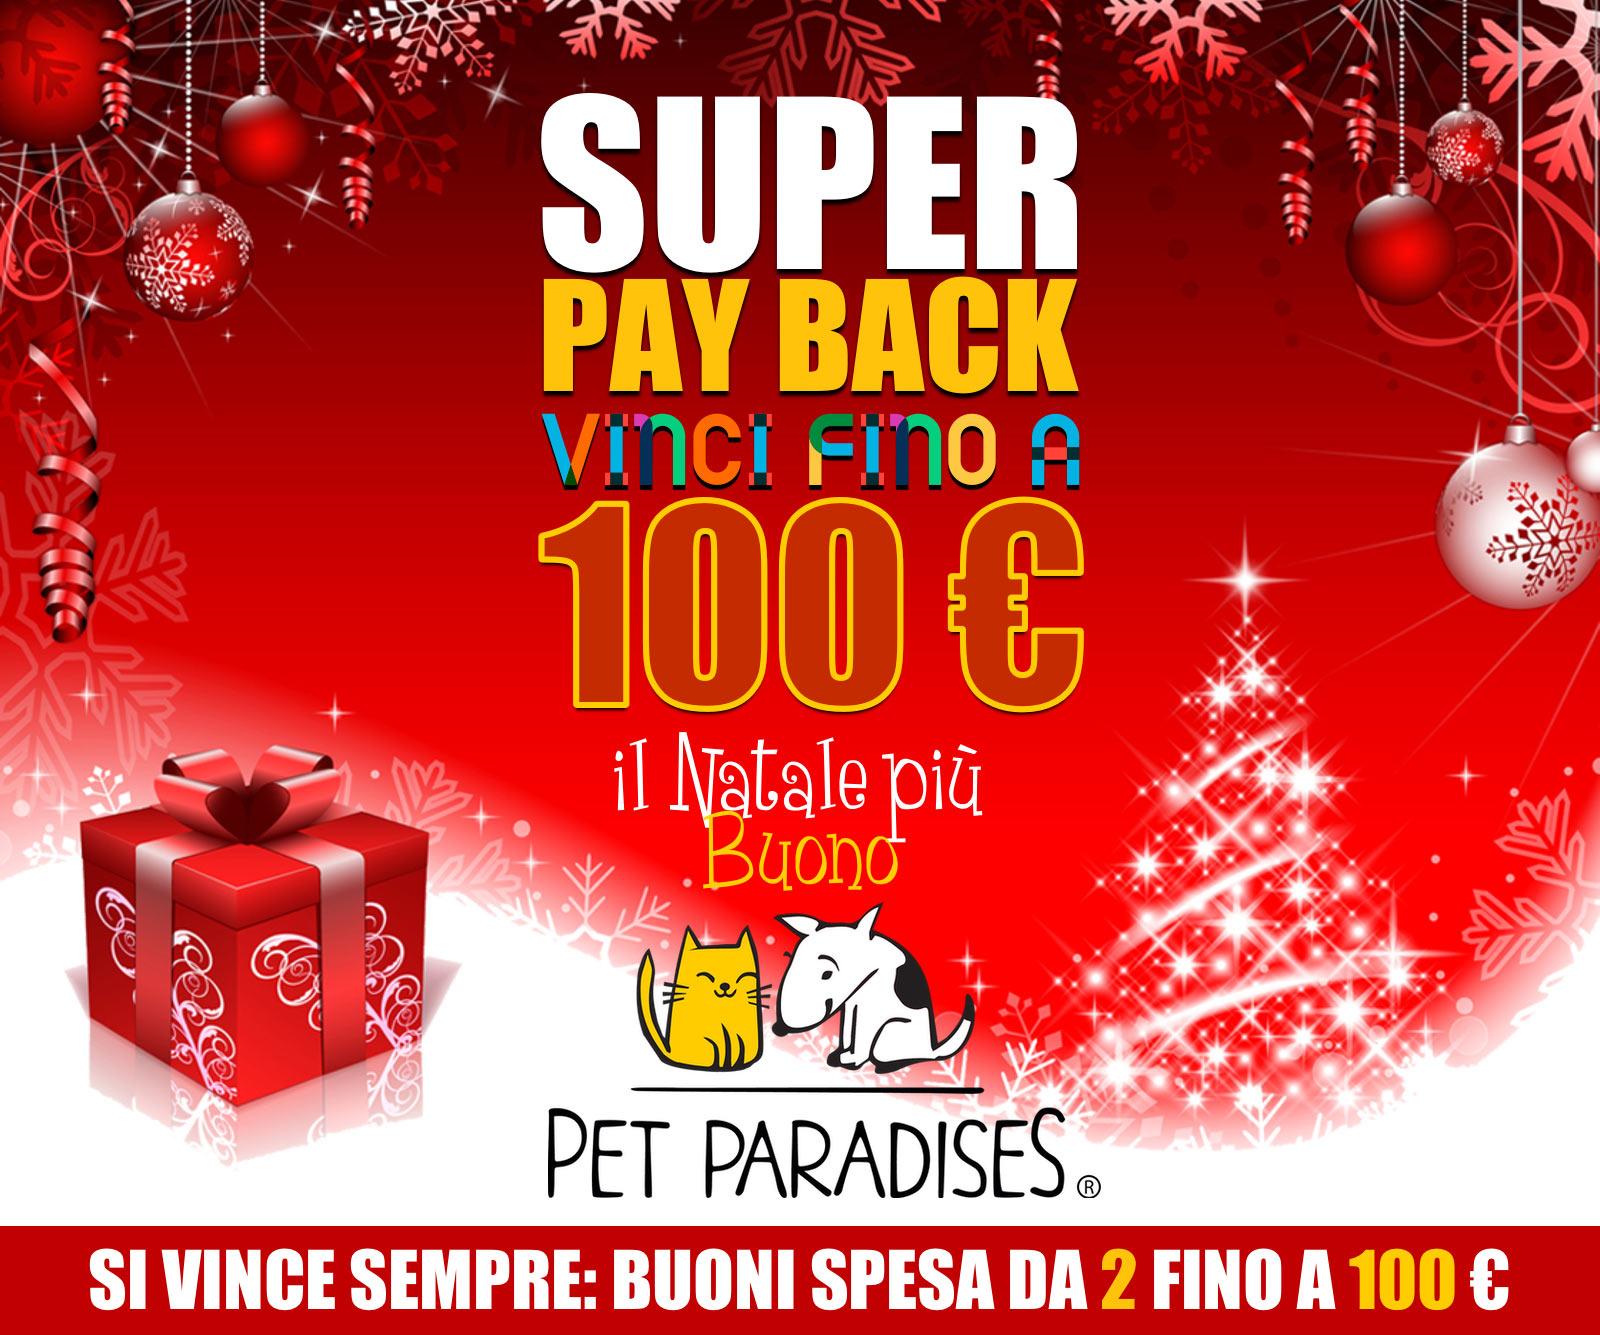 Pet Paradises® augura Buone Feste a tutti con il suo Gratta & Vinci SICURO!